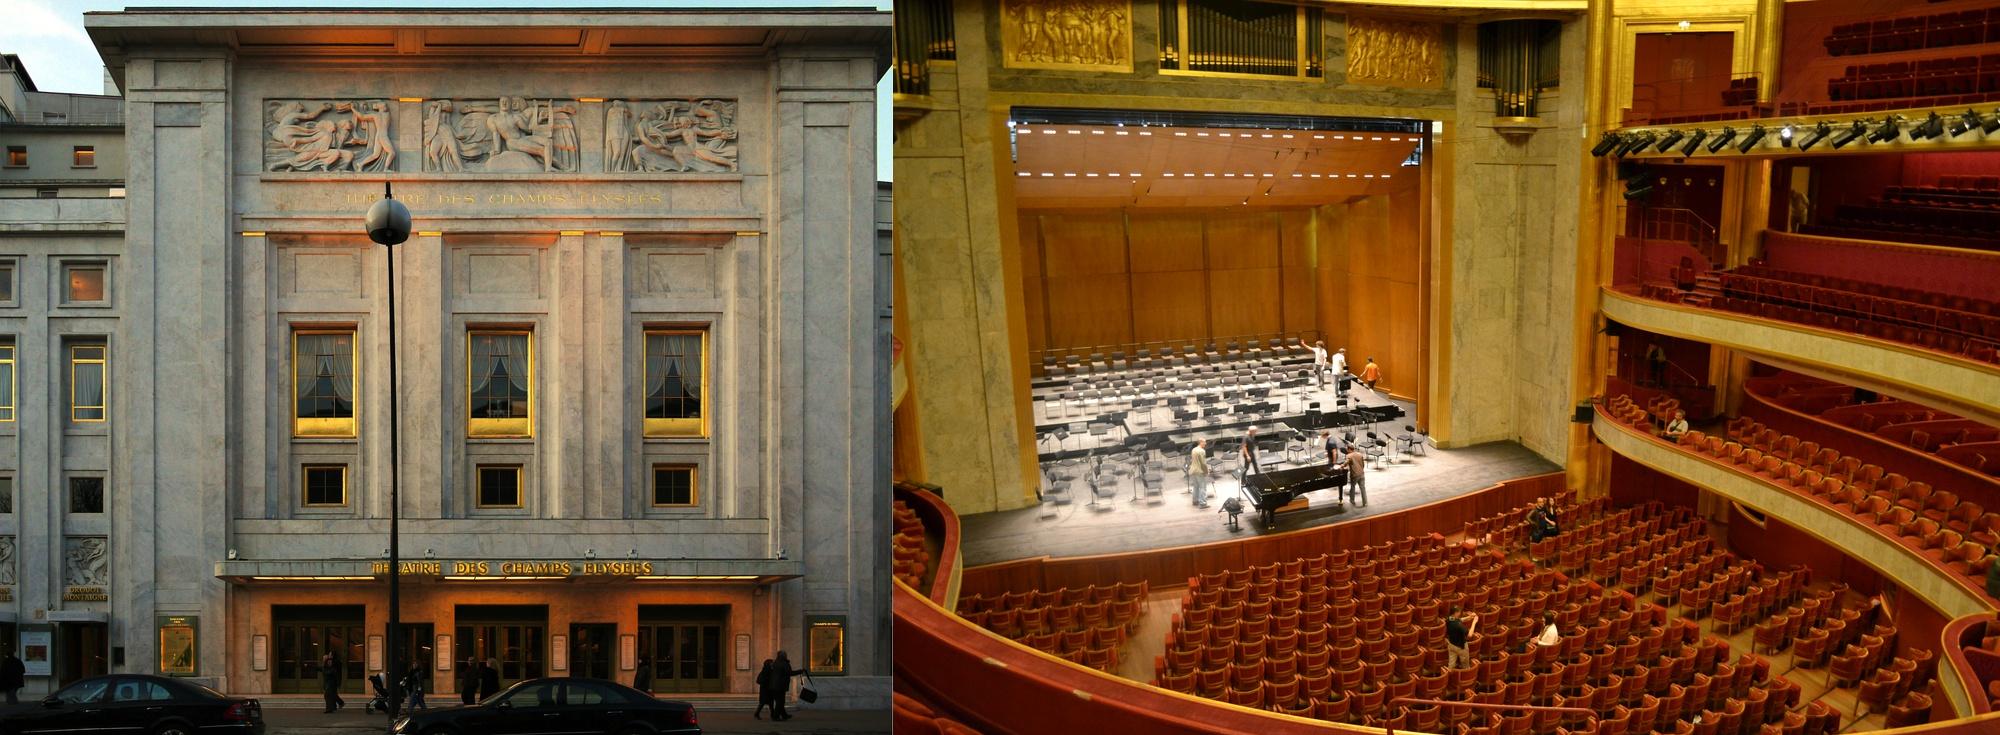 Façade et intérieur du Théâtre des Champs-Élysées